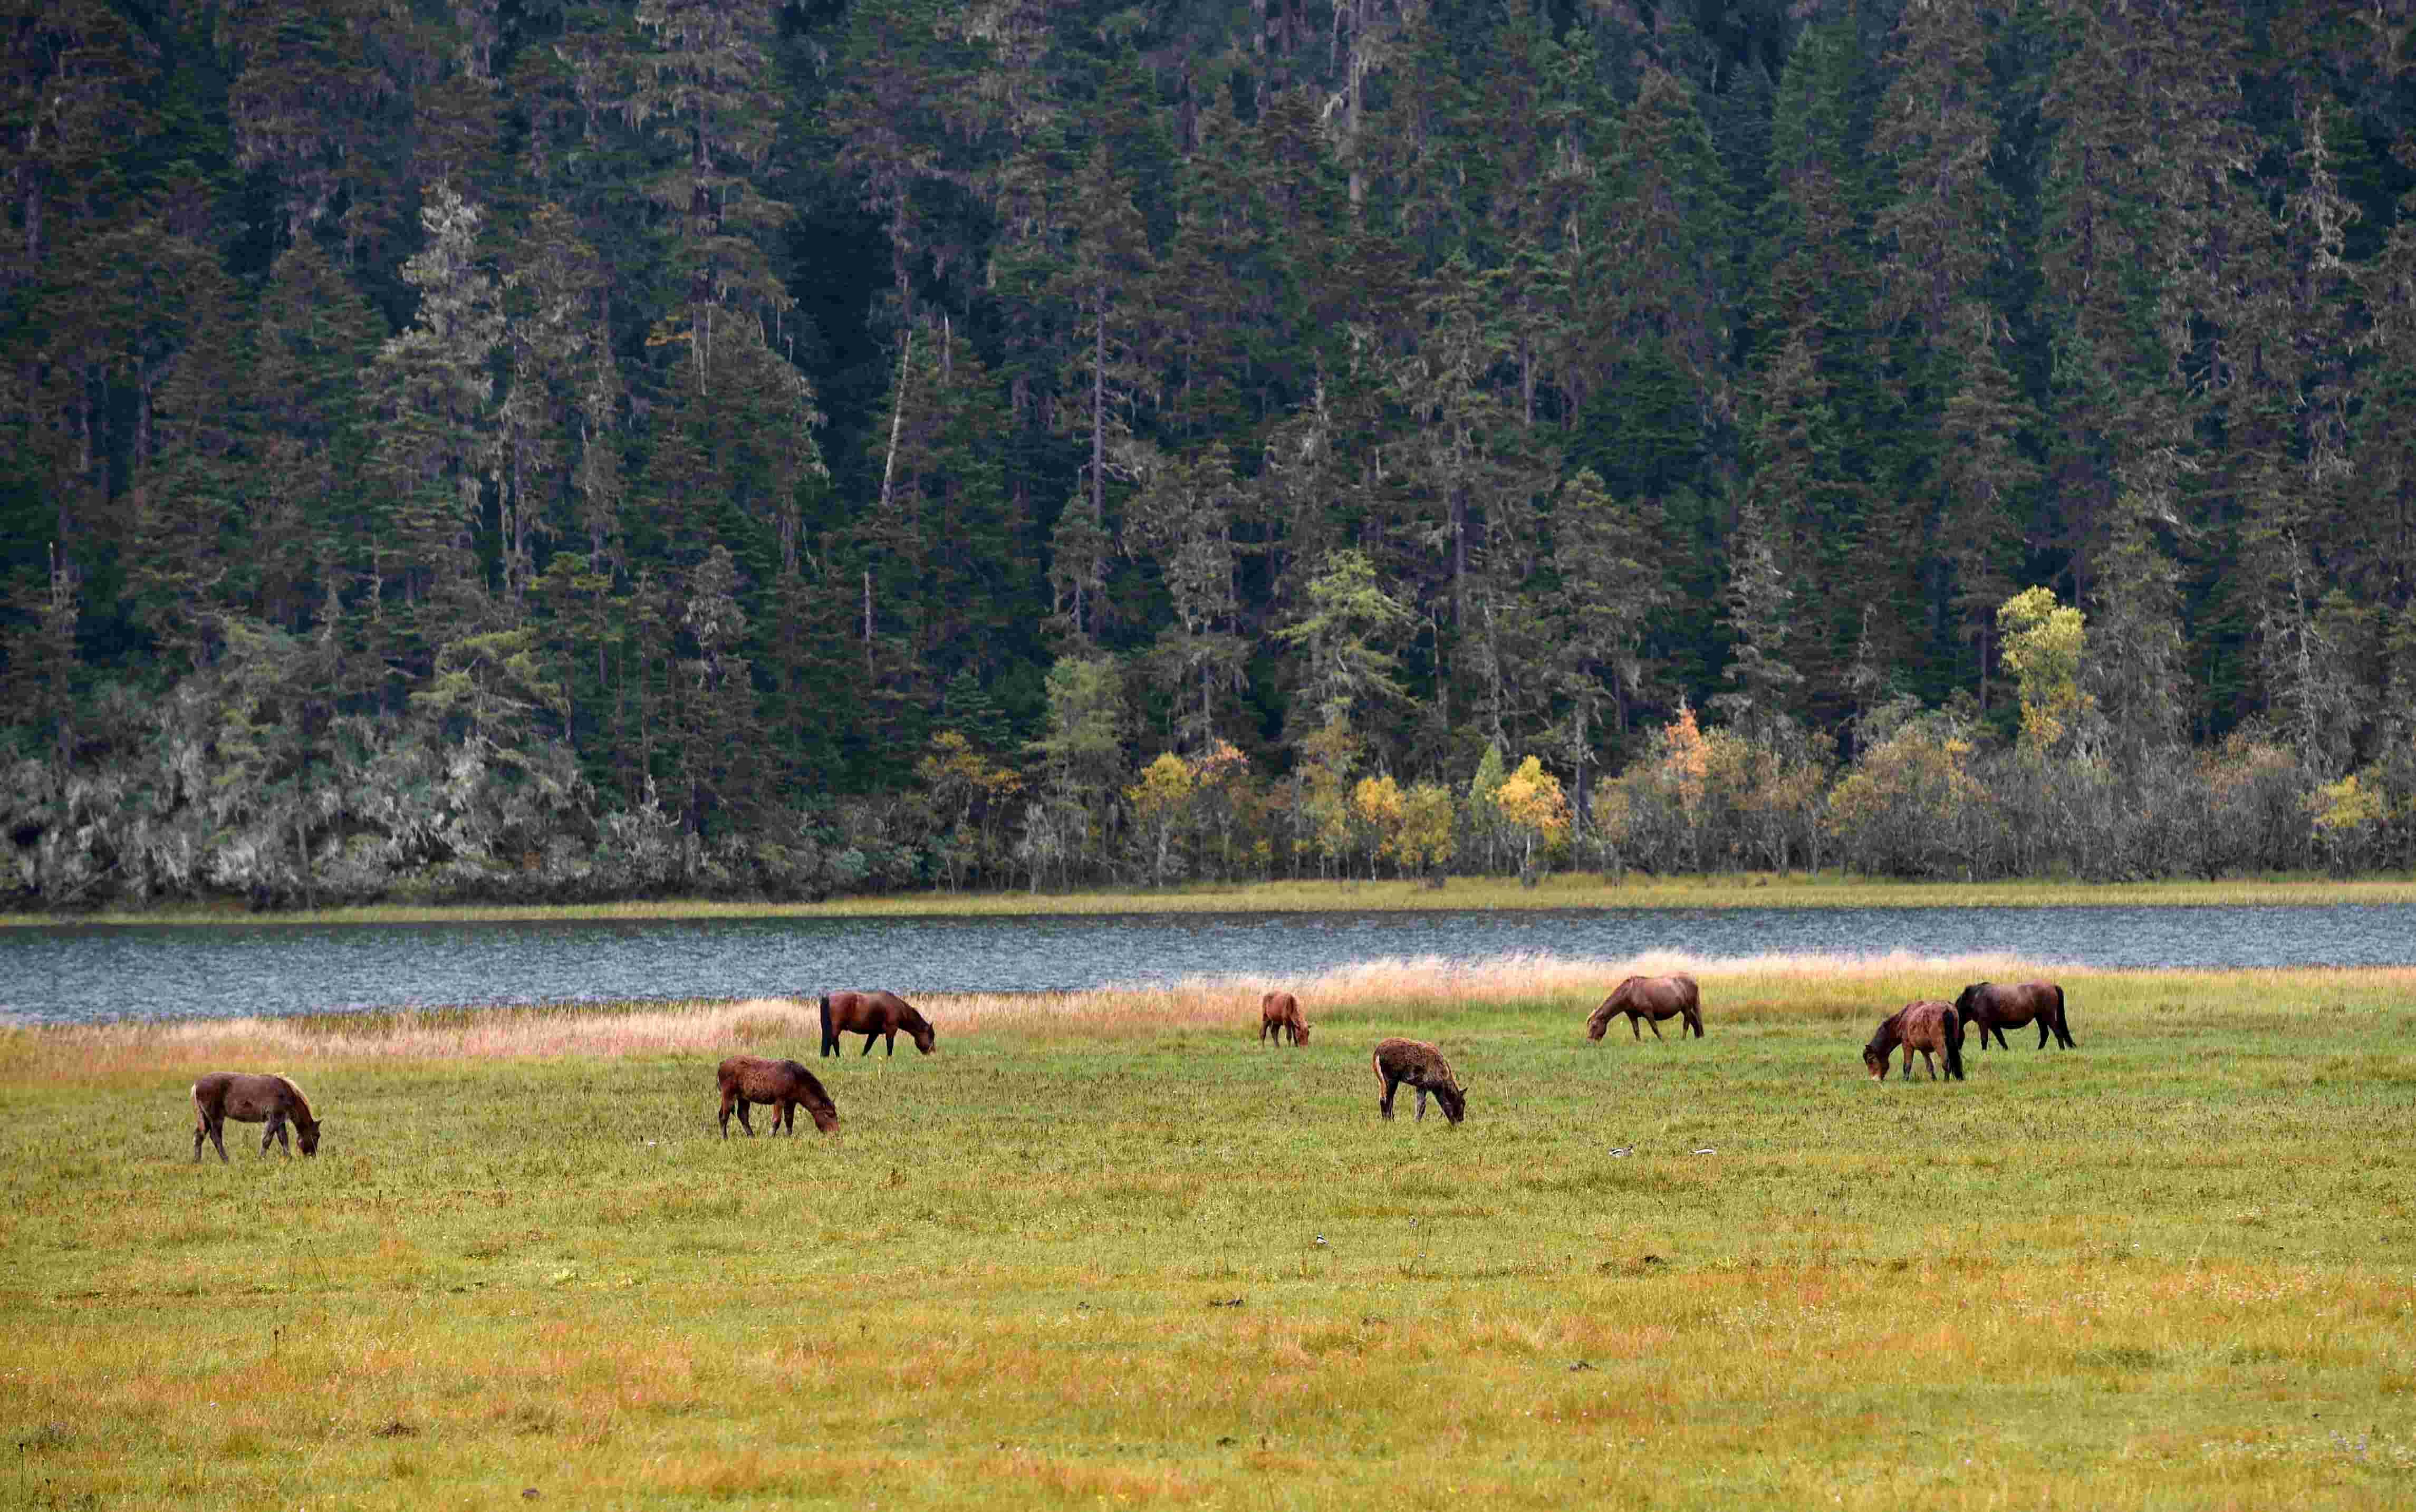 新华社照片,香格里拉(云南),2015年10月5日   幽美迷人普达措   这是10月1日拍摄的香格里拉普达措国家公园景色。   位于云南省迪庆藏族自治州香格里拉市境内的普达措国家公园,2007年正式开放。公园内的高山、湖泊、湿地、原始森林等自然景色吸引各地游客徜徉其间,流连忘返。   新华社记者陆波岸摄